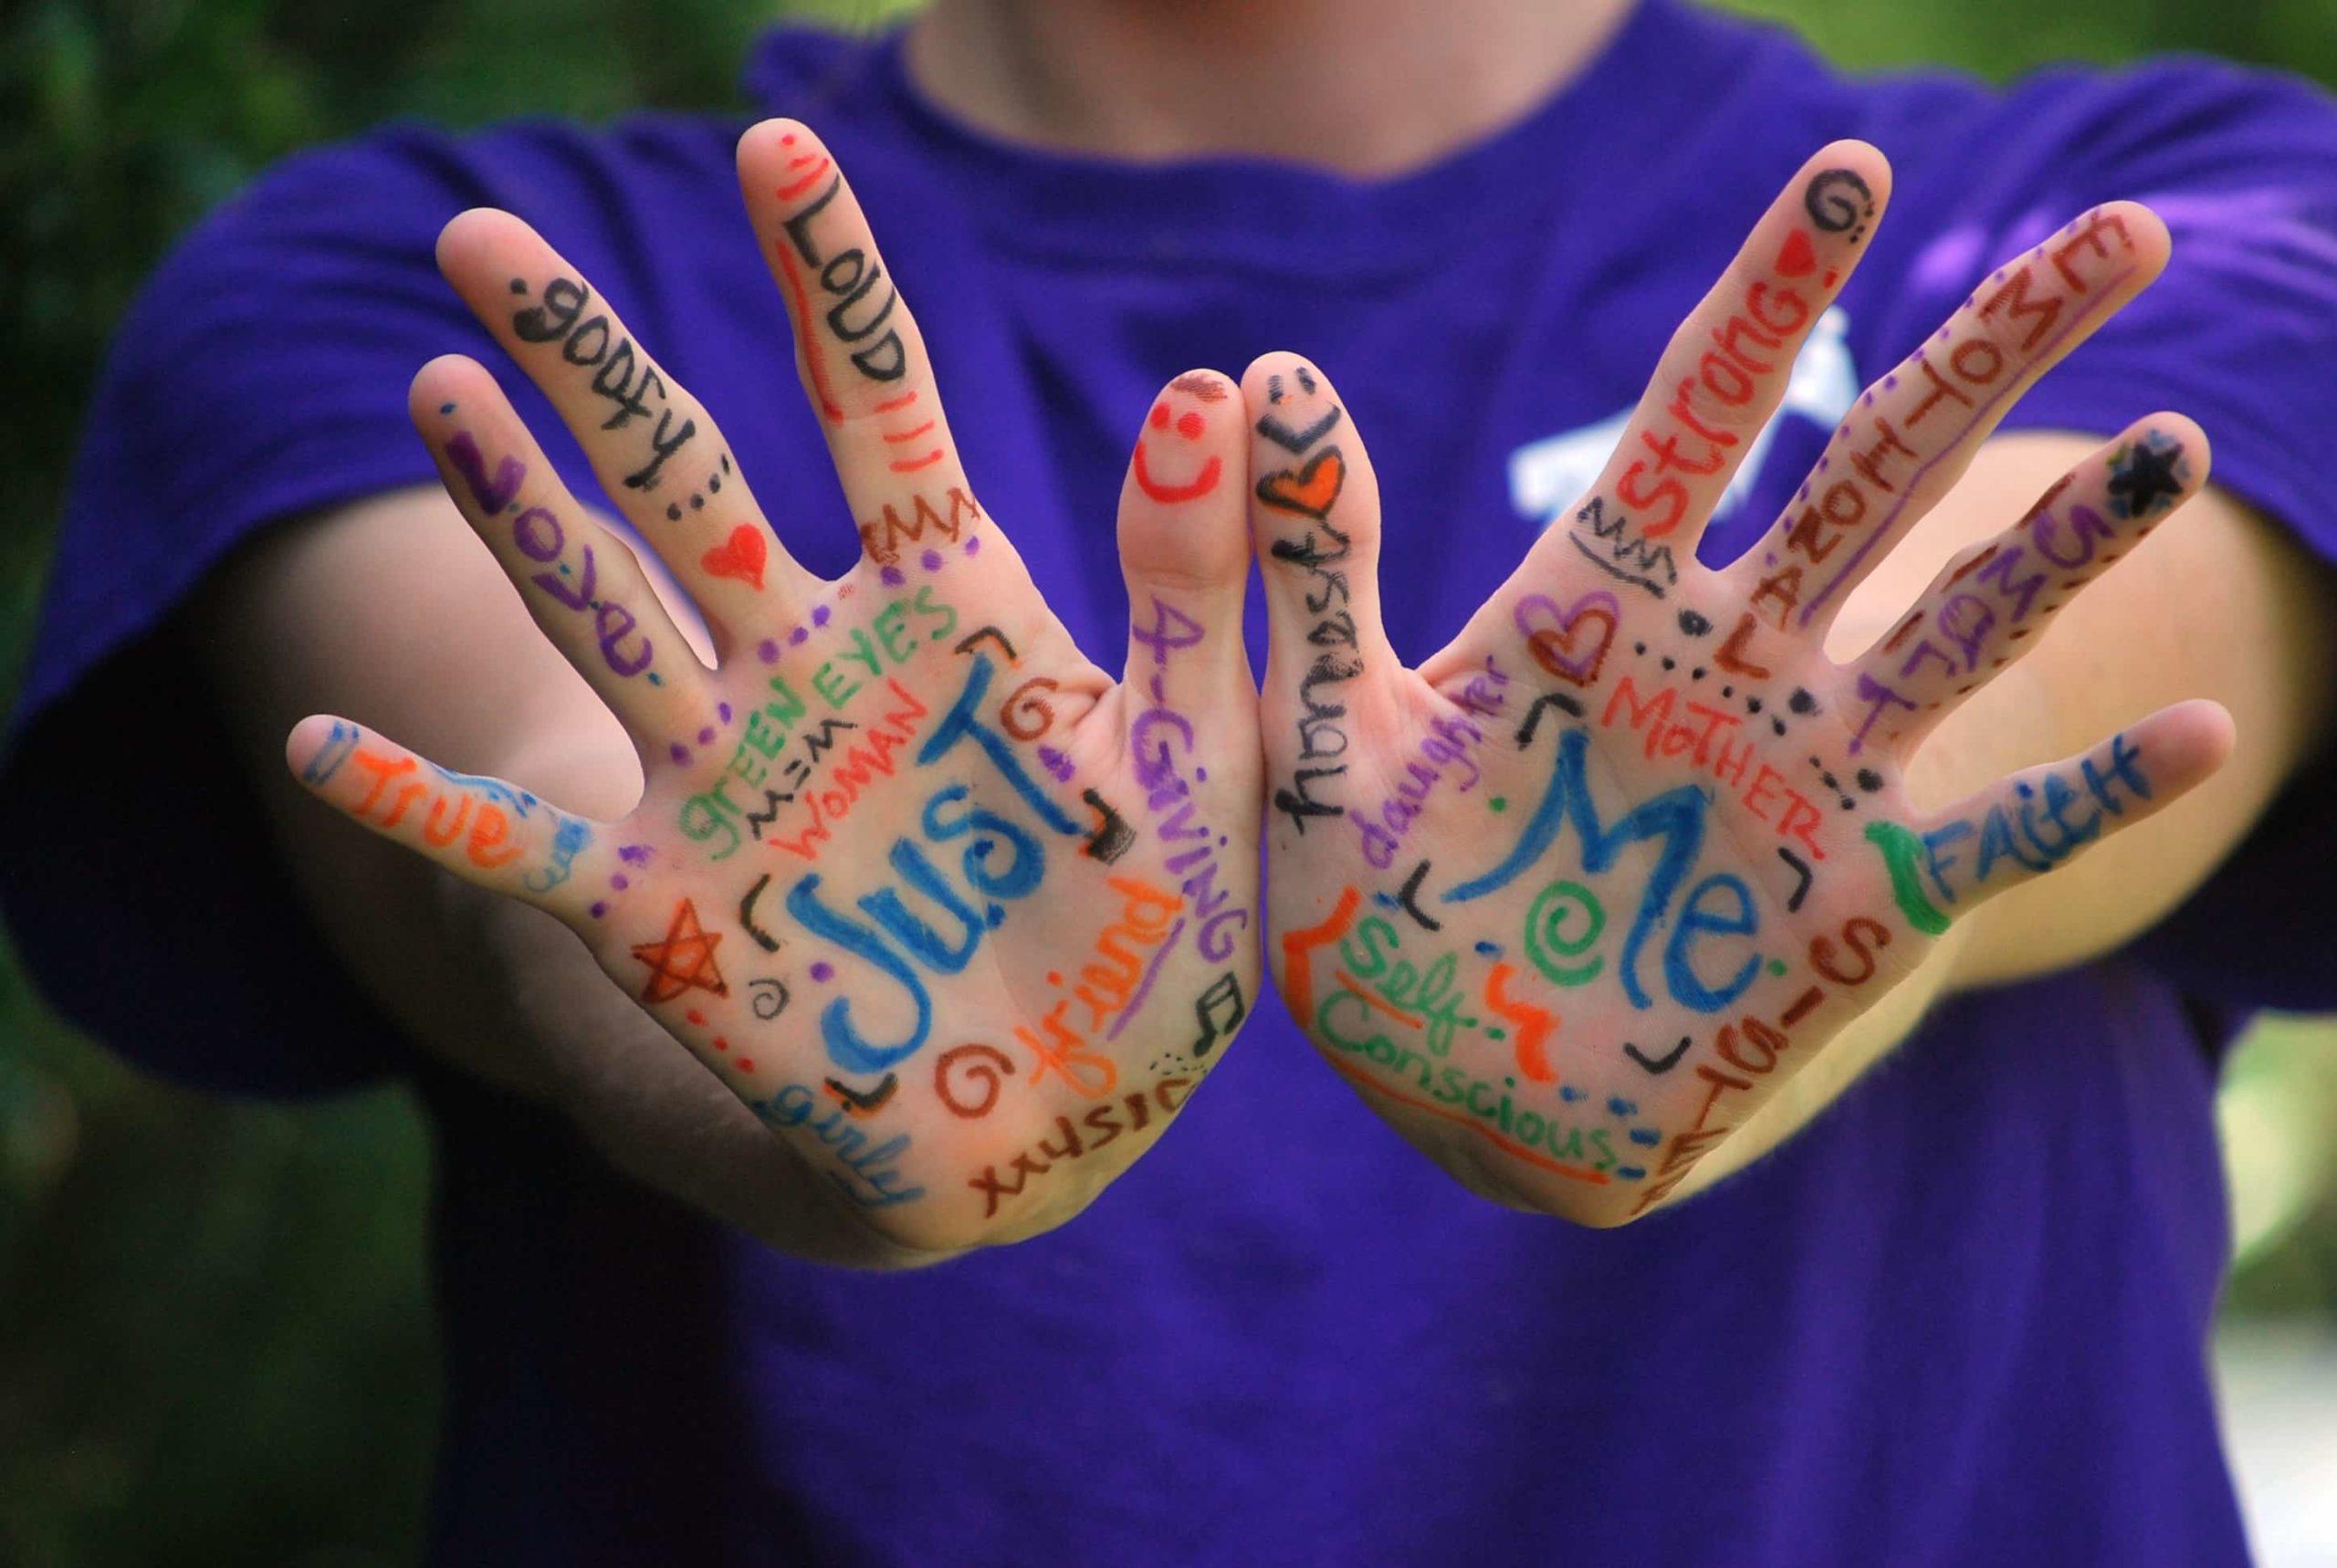 色とりどりの言葉で彩られた手